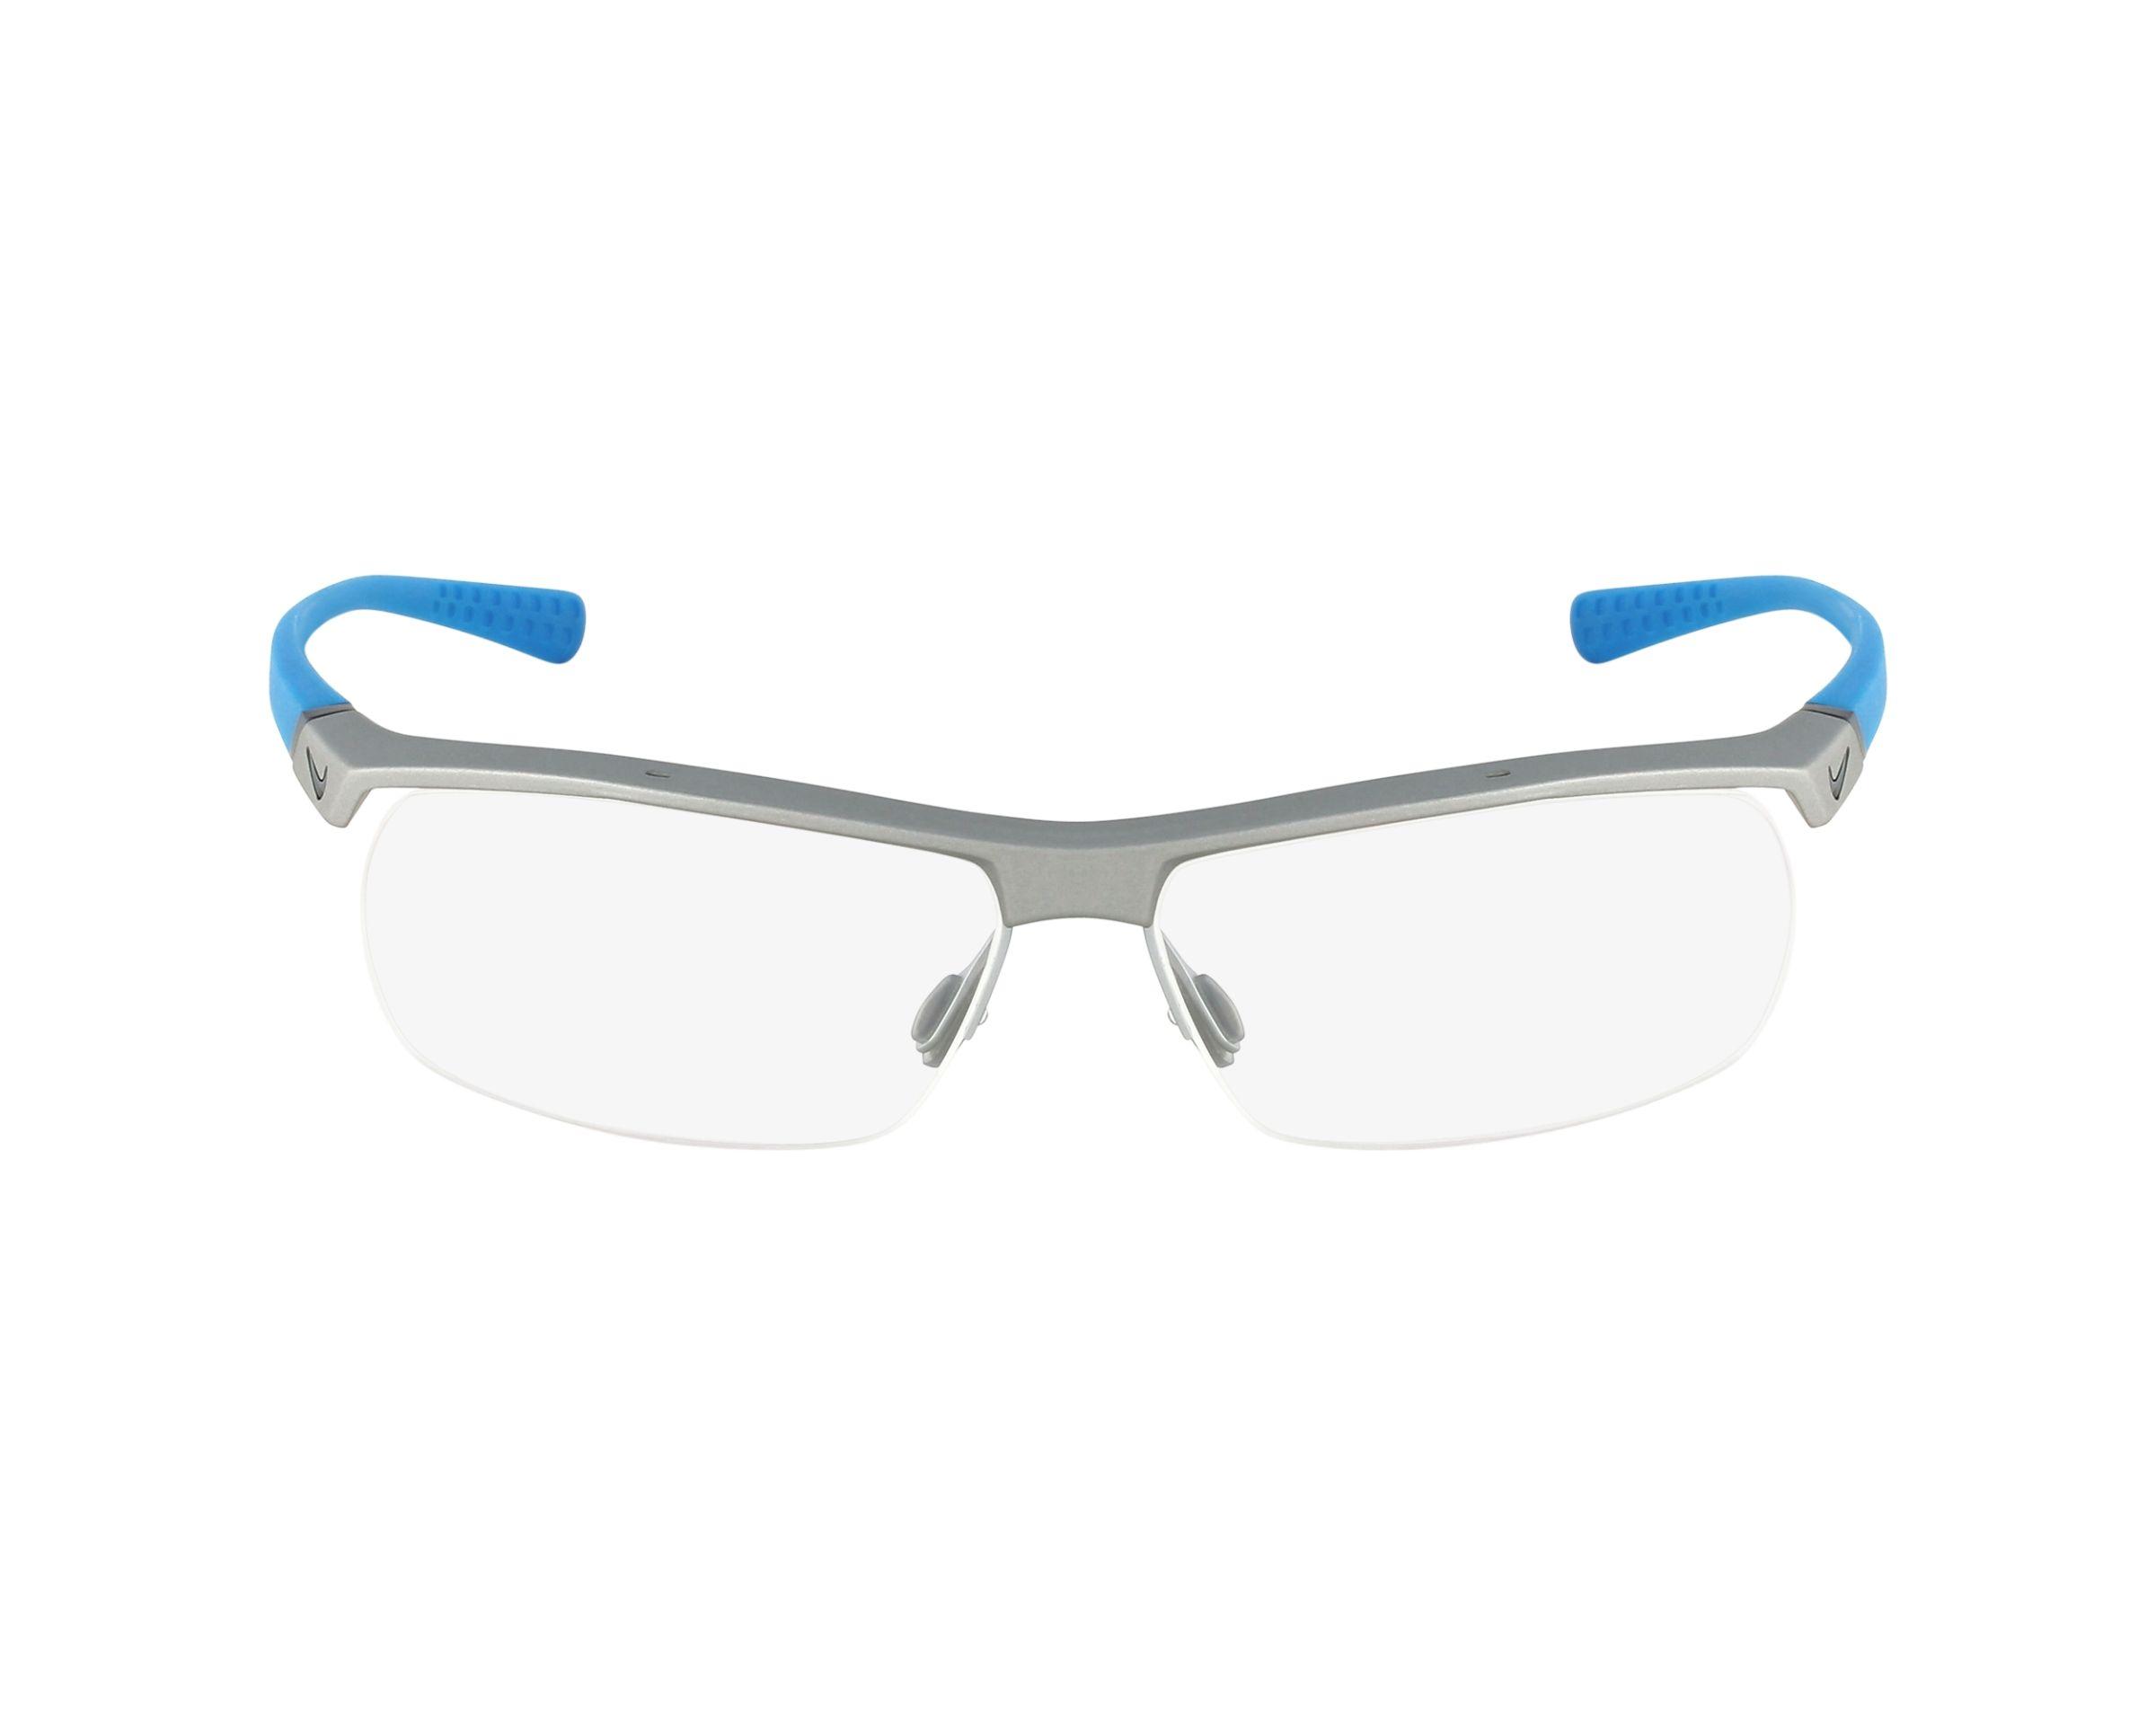 b748087c1b83fe Lunettes de vue Nike 7071-2 080 57-14 Argent Bleu vue de profil